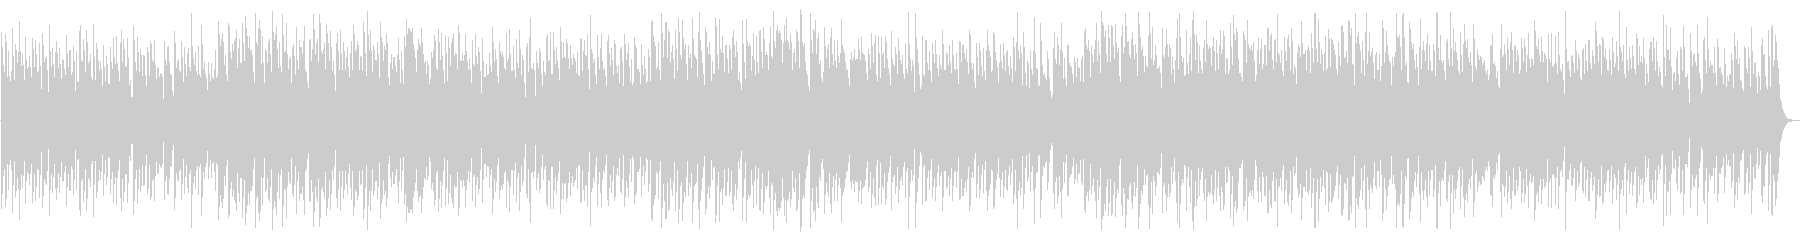 マンボから発展したチャチャチャのサウンドの未再生の波形